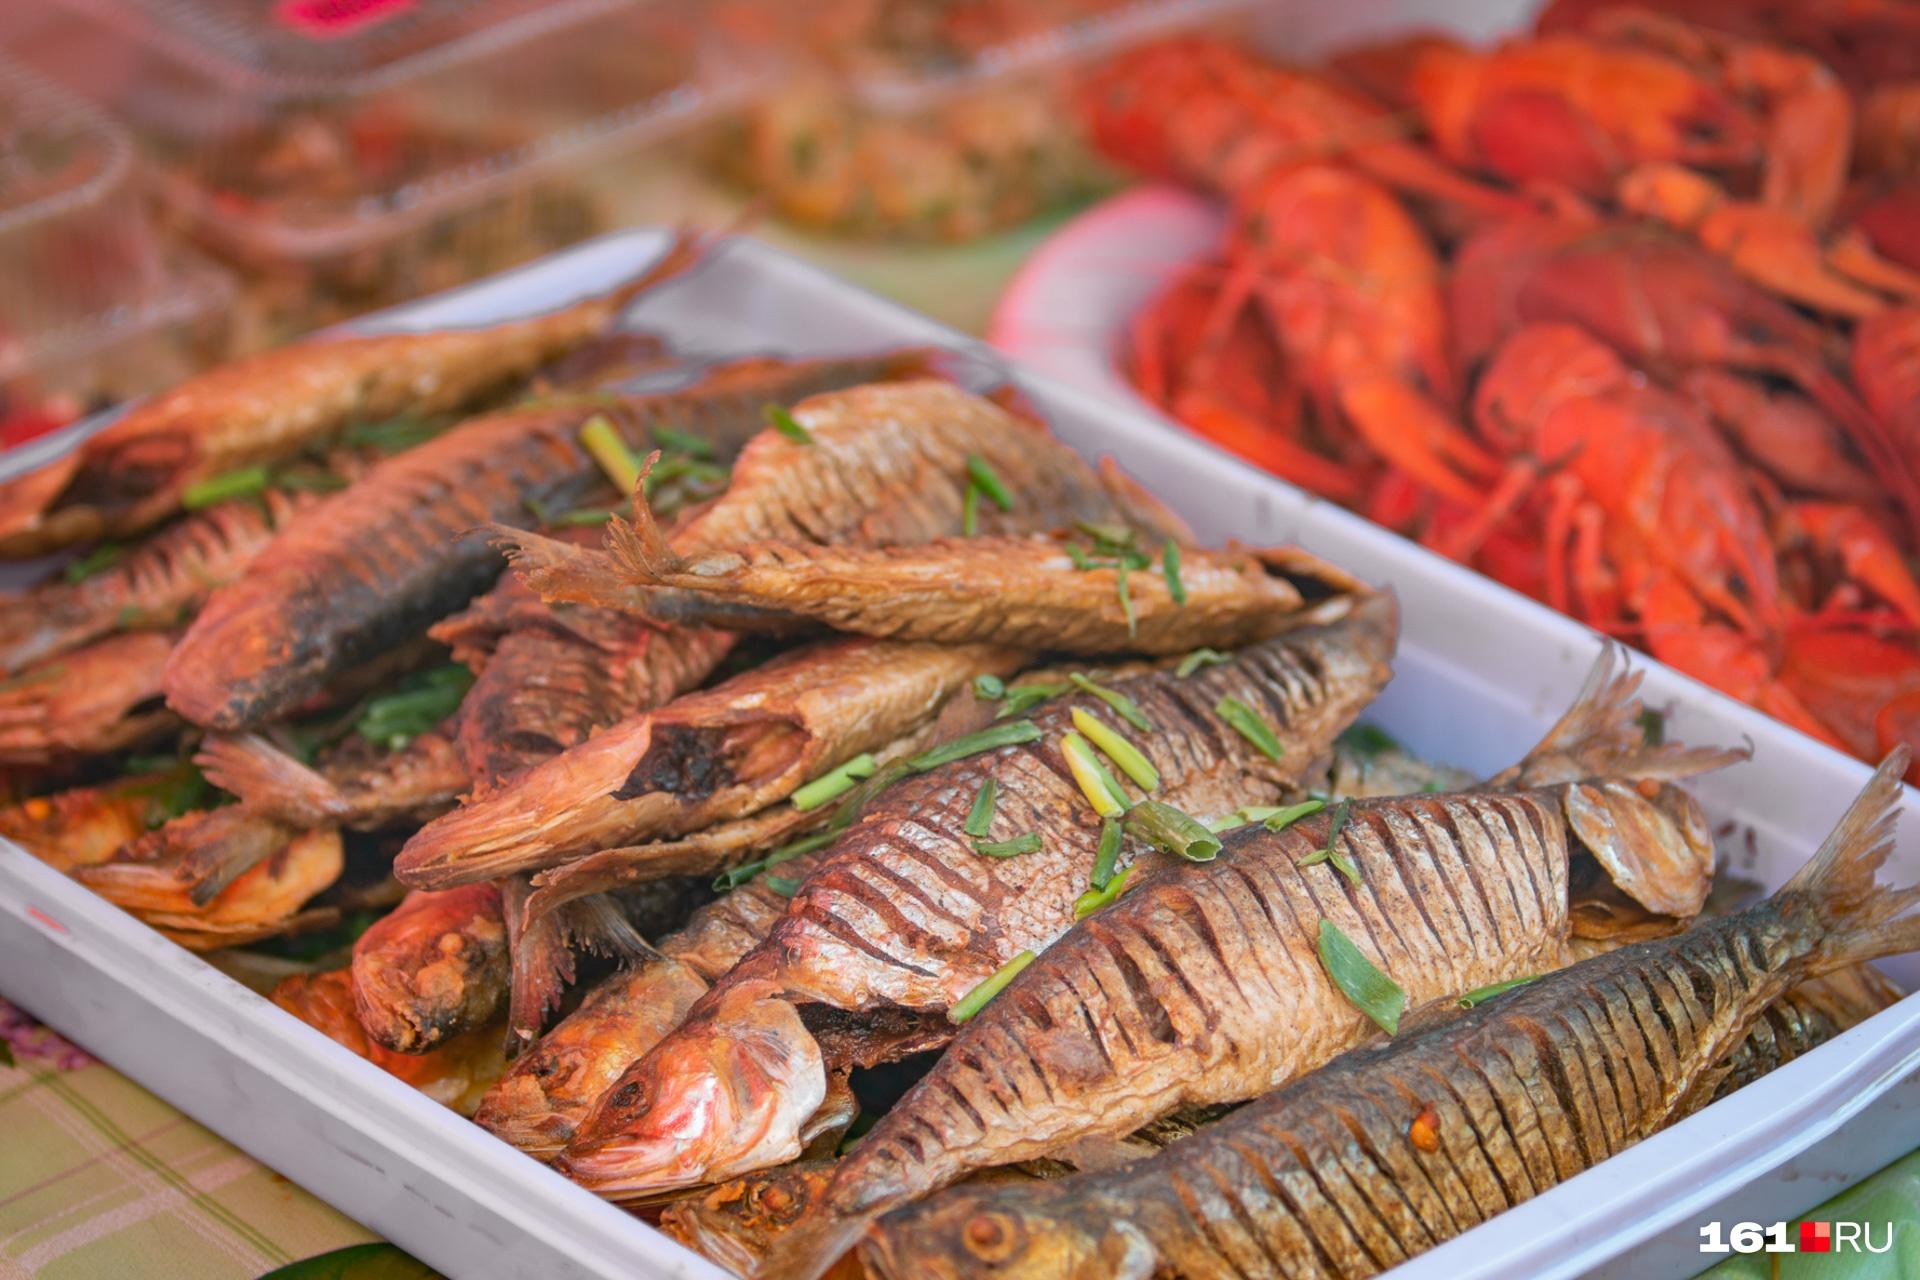 Хорошо еще, когда вы можете рассмотреть рыбу «в лицо».